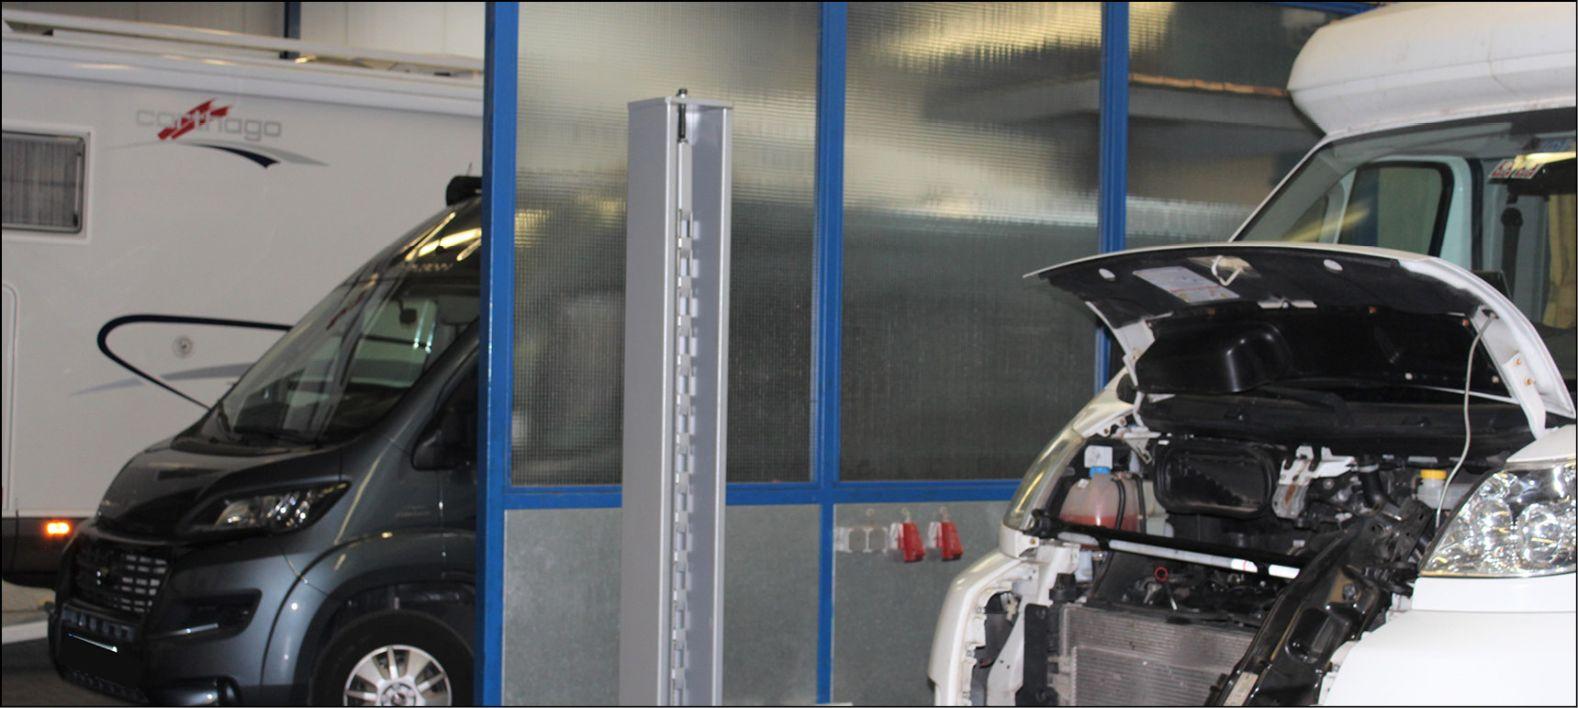 Nachrüstungen und Werkstattservice für Wohnmobile und Wohnanhänger